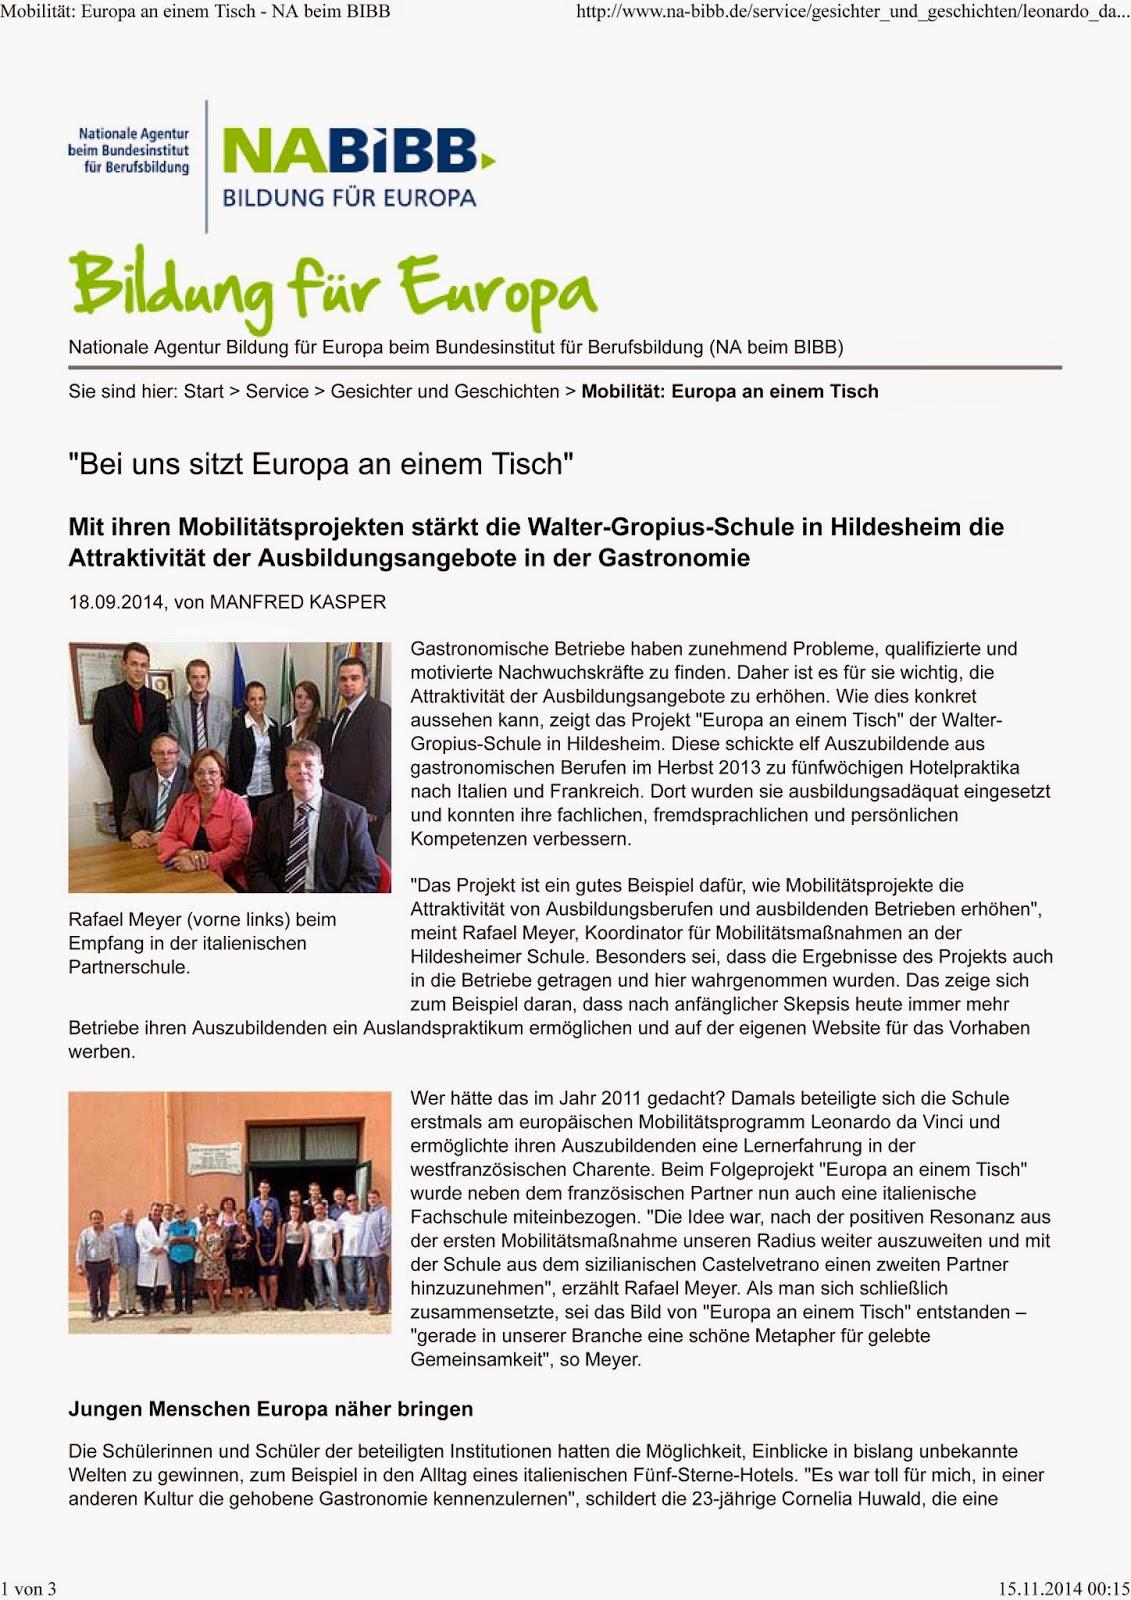 http://www.na-bibb.de/service/gesichter_und_geschichten/leonardo_da_vinci/mobilitaet_europa_an_einem_tisch.html